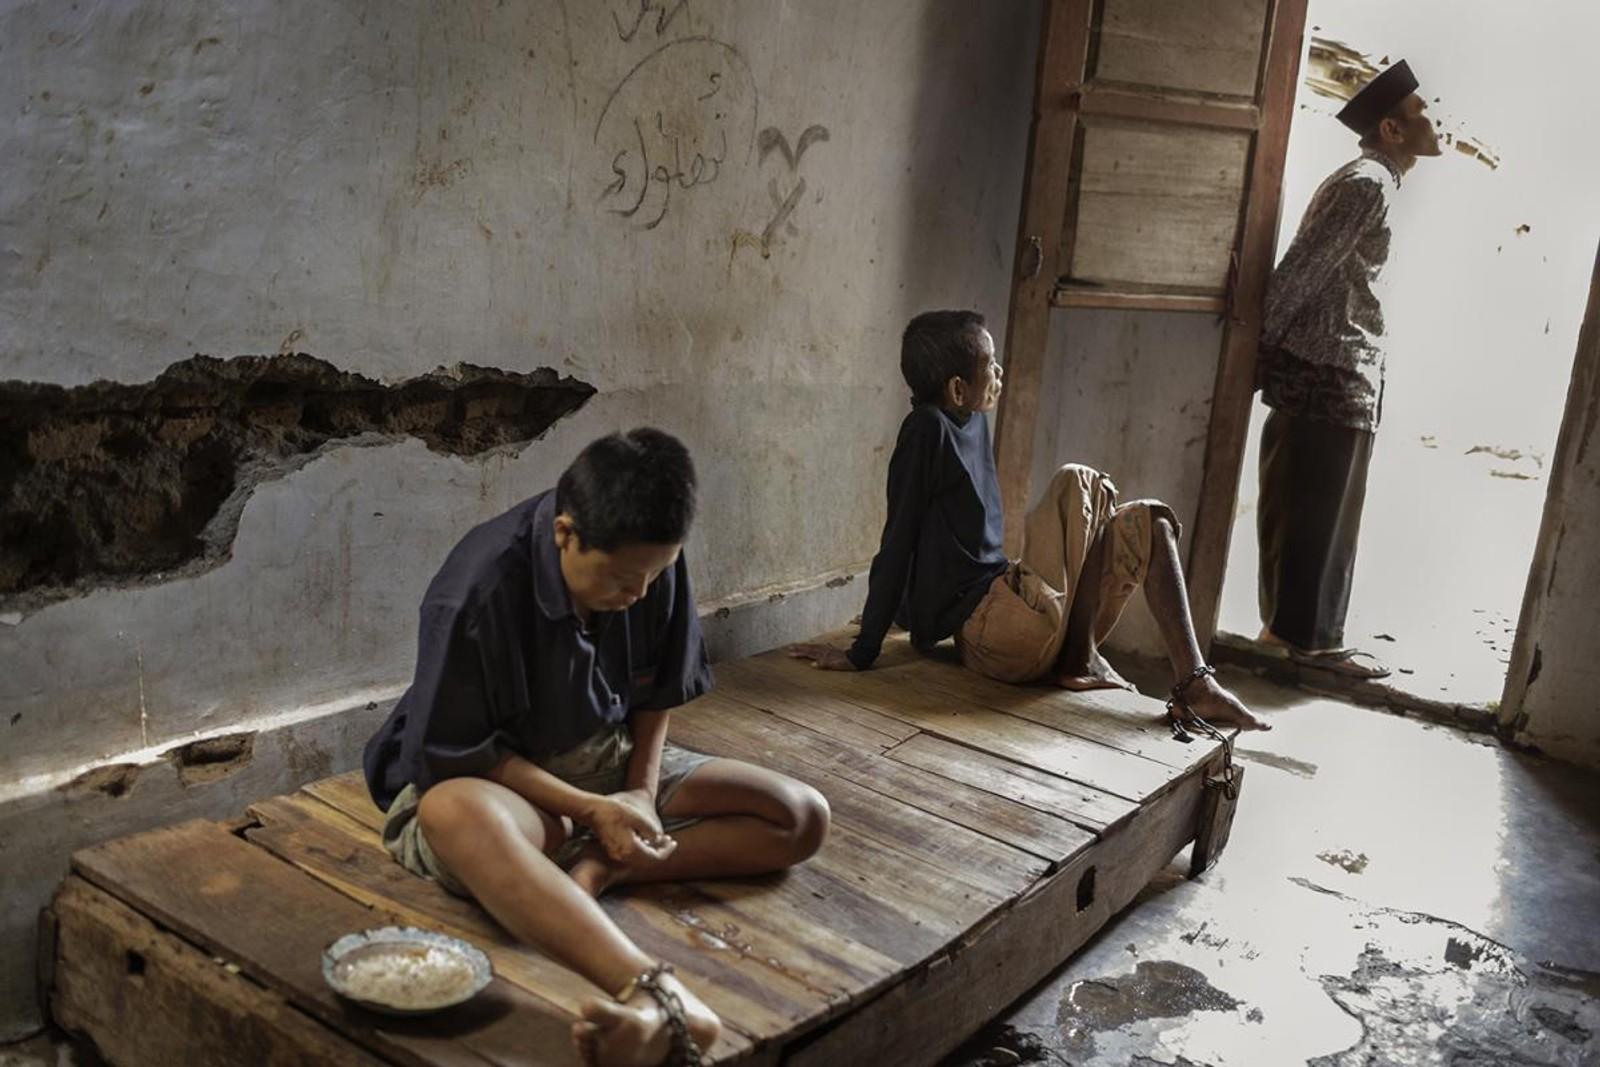 Disse to mennene helbredes med bønn, velsignelse og å drikke spesielle drikker for å fordrive onder ånder. De bor på et islamsk healingsenter i Indonesia.